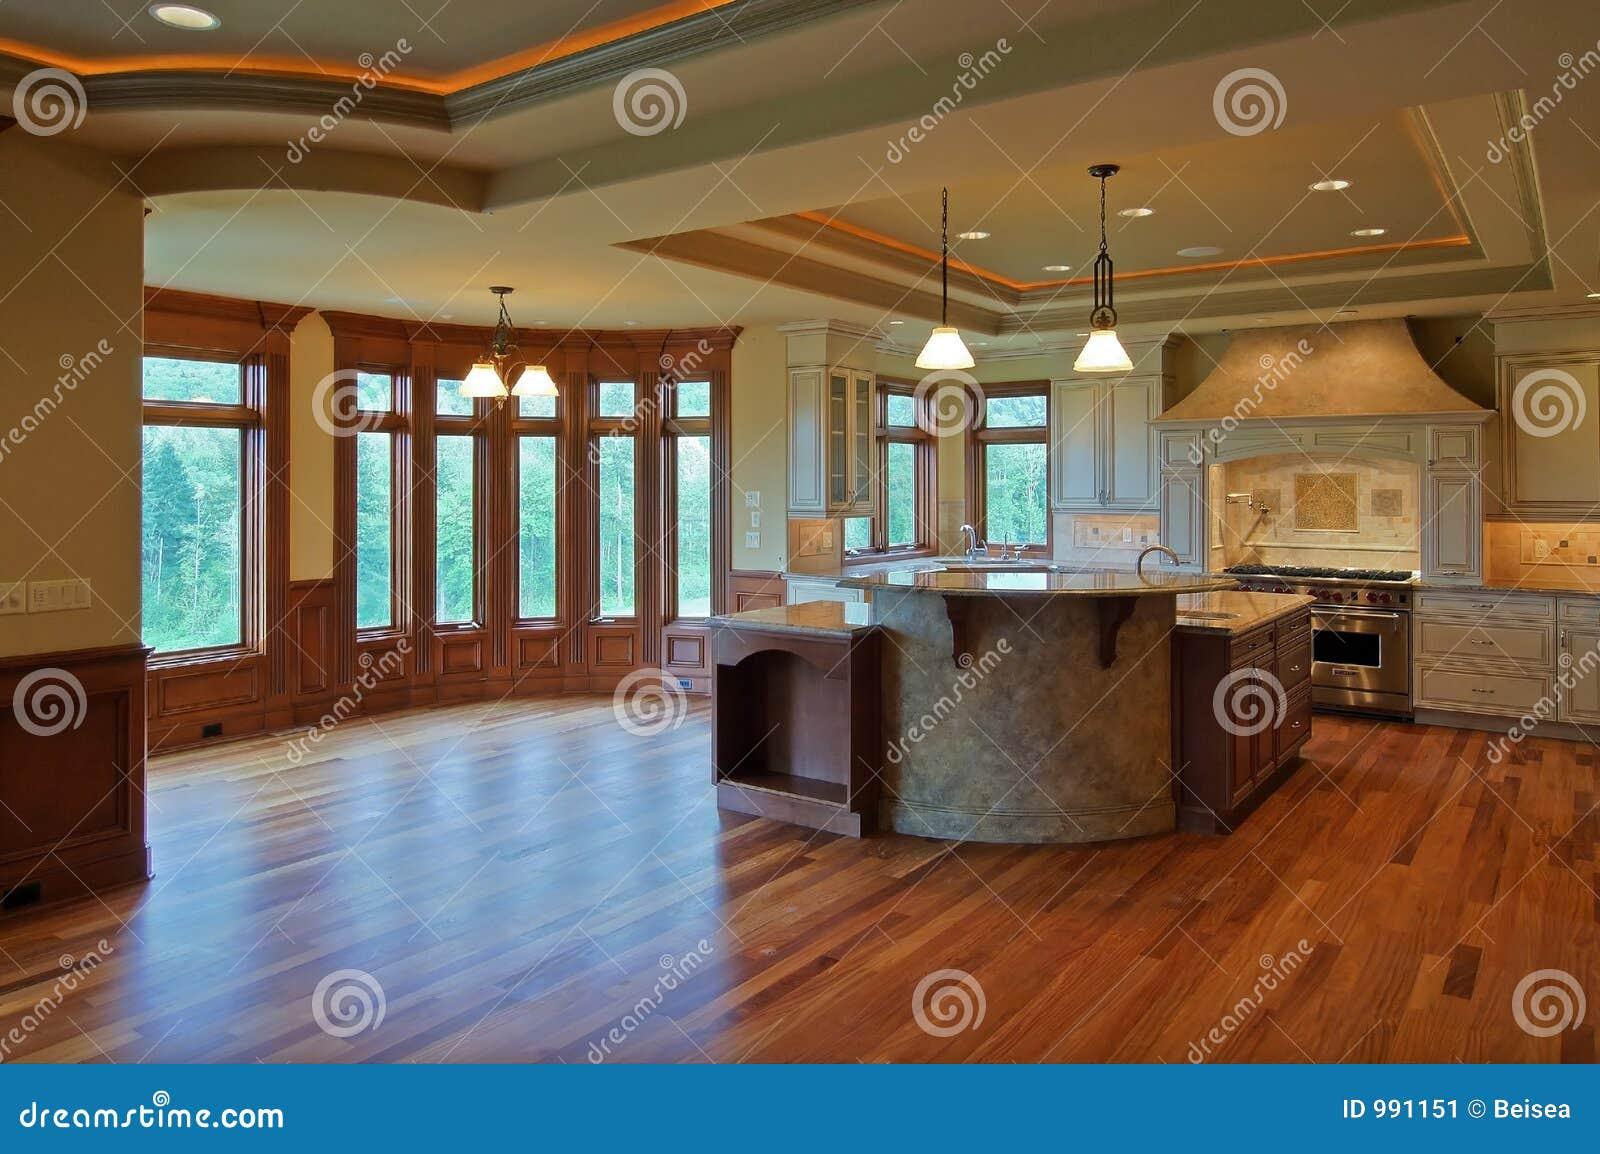 Cucina di lusso immagine stock immagine 991151 - Cucina di lusso ...